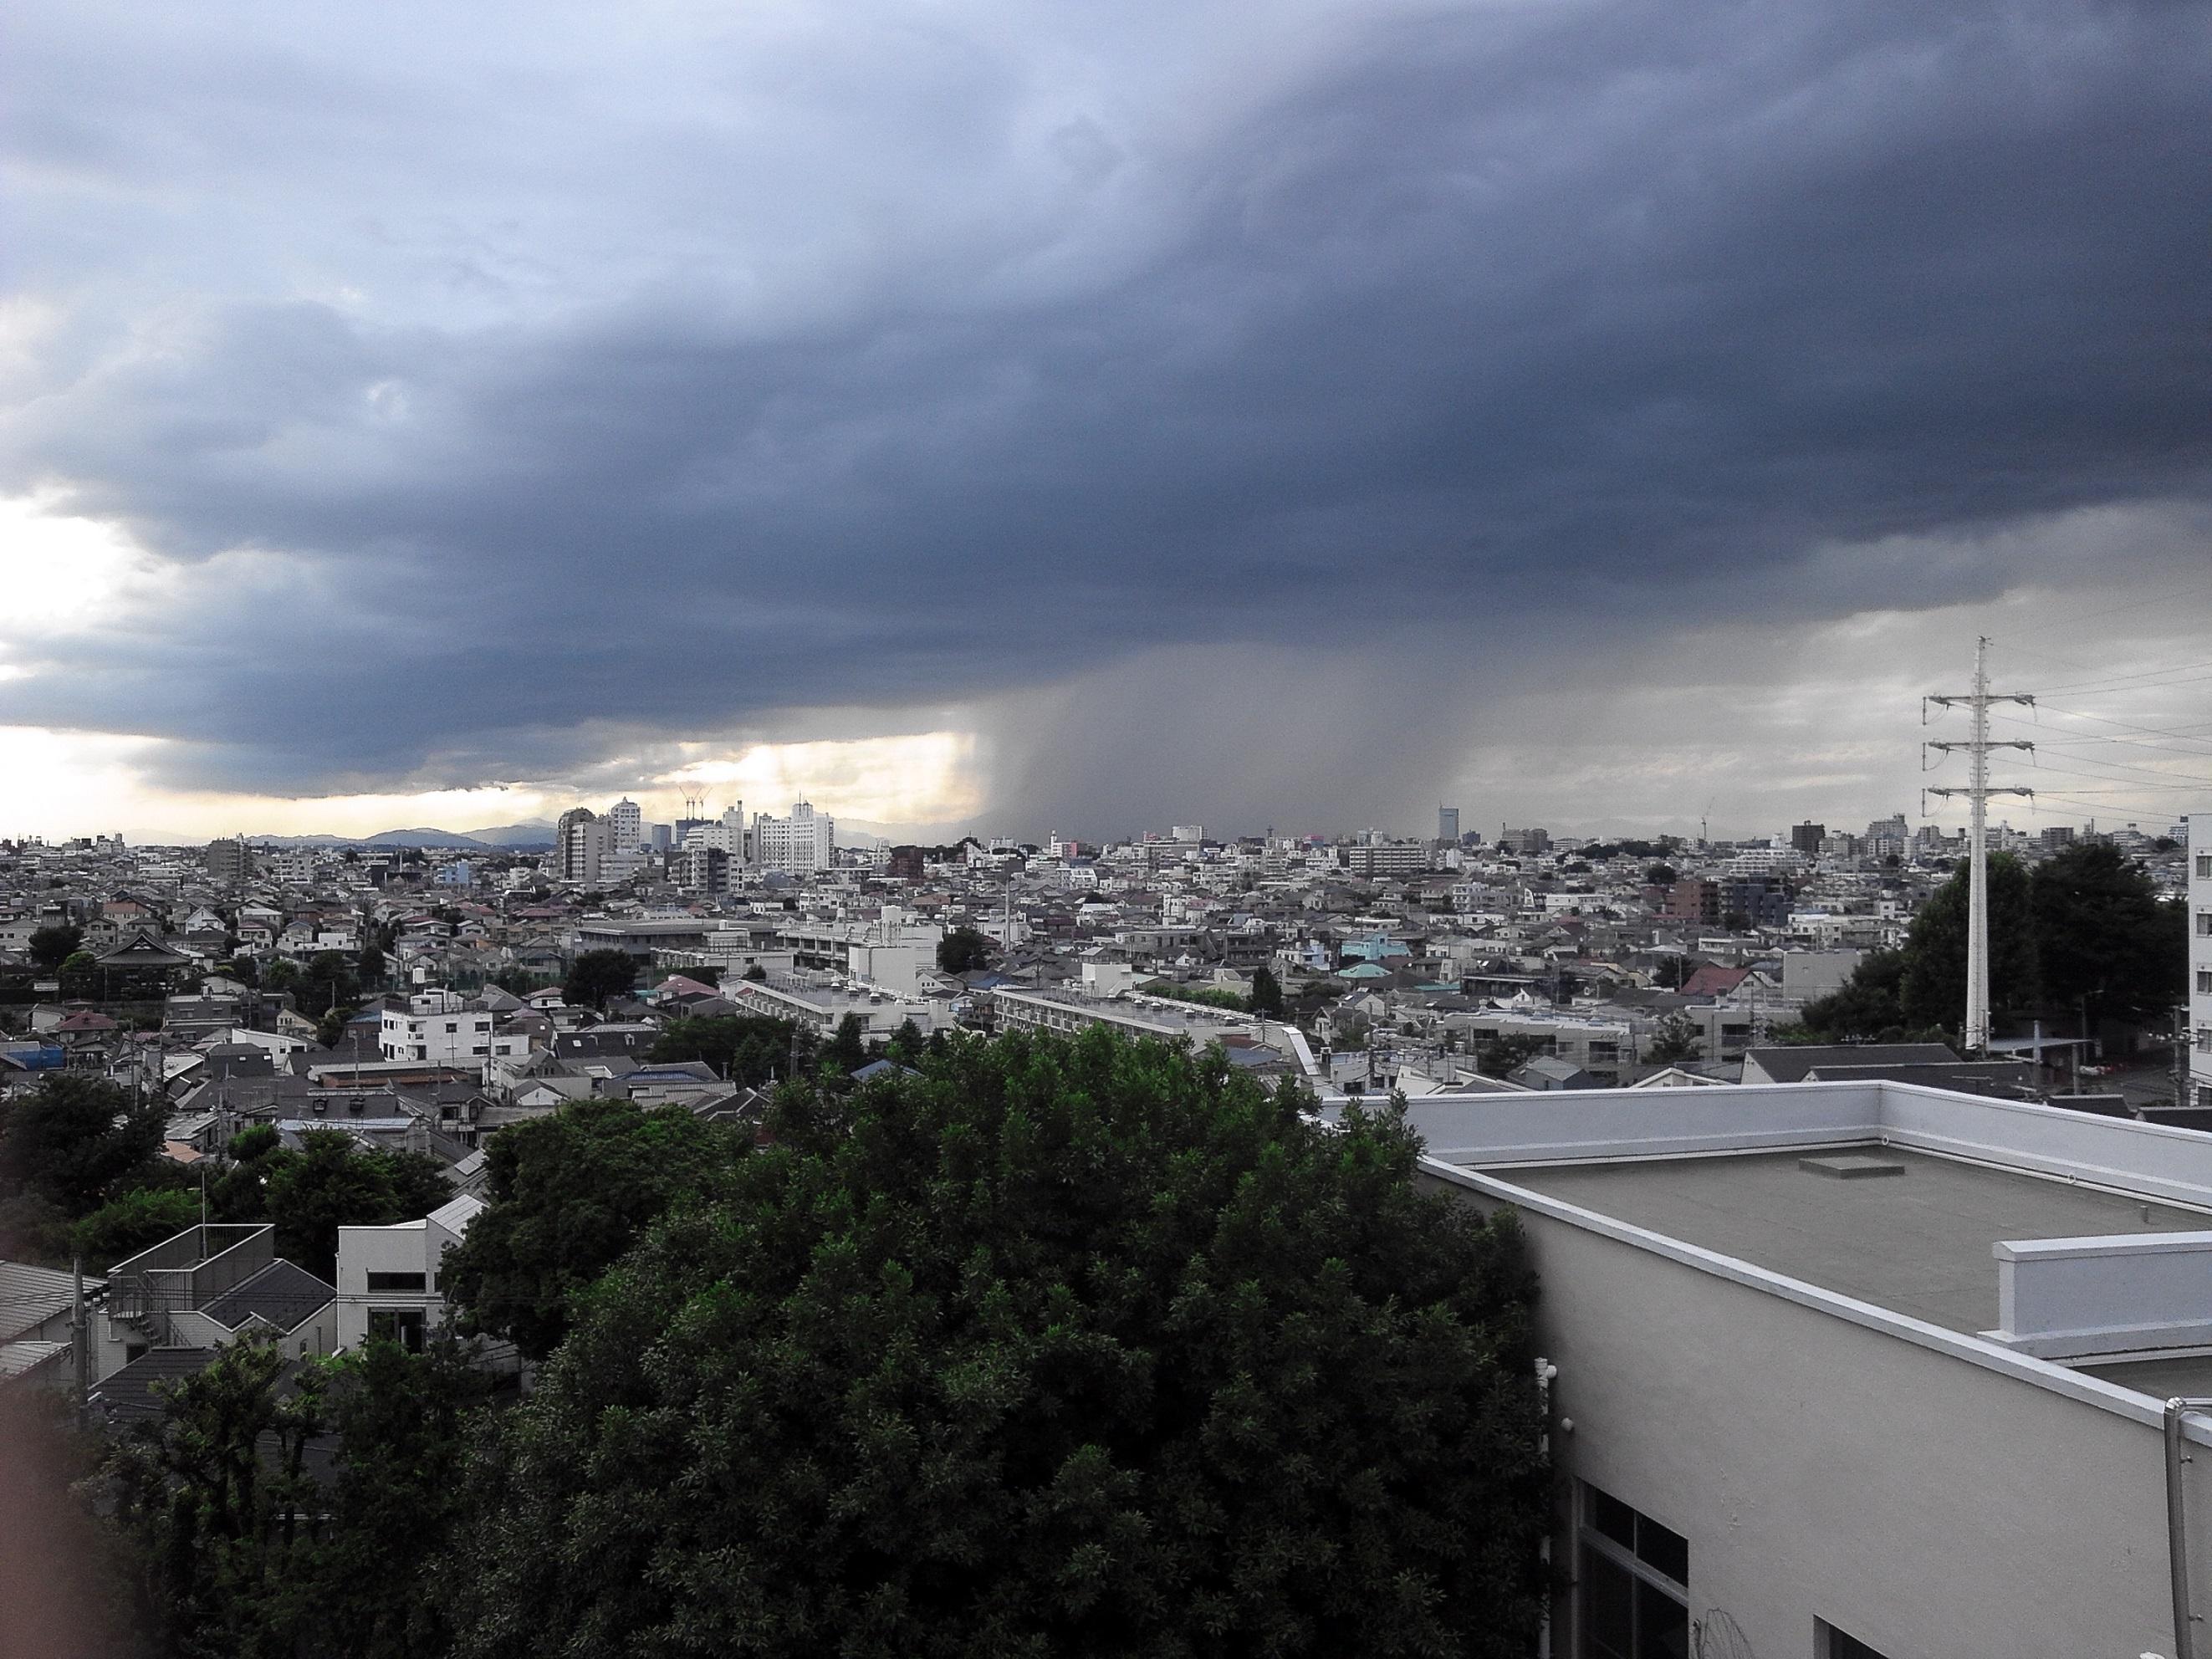 2014年7月11日 東京ゲリラ豪雨 集中豪雨 雨雲